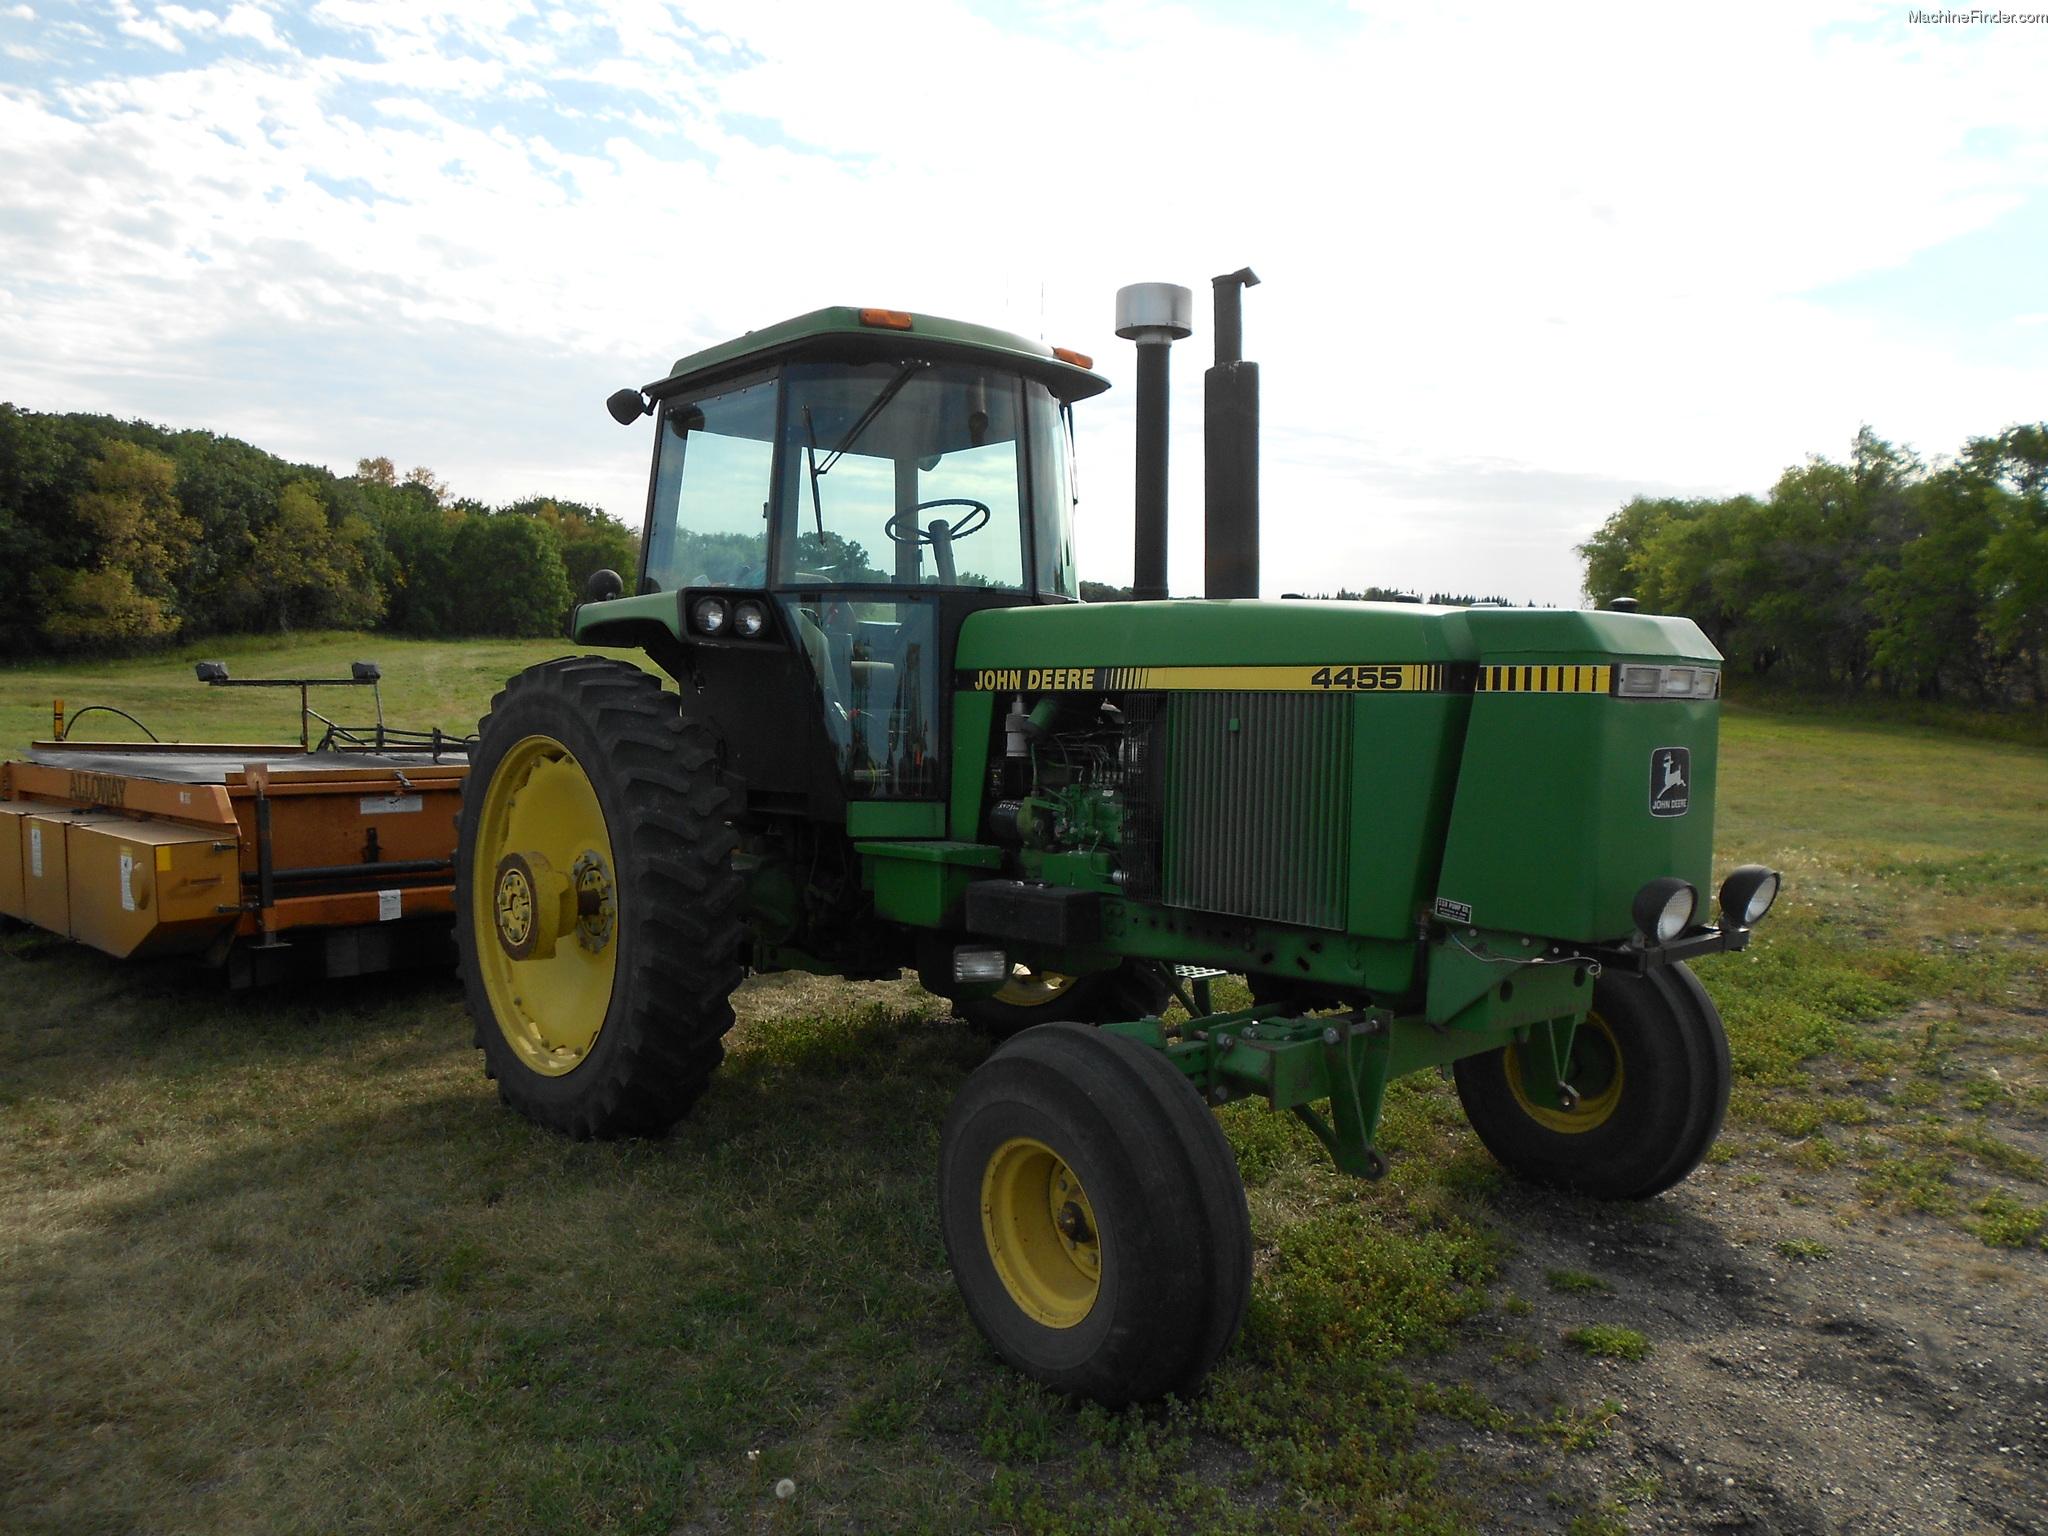 1989 John Deere 4455 Tractors - Row Crop (+100hp) - John ...